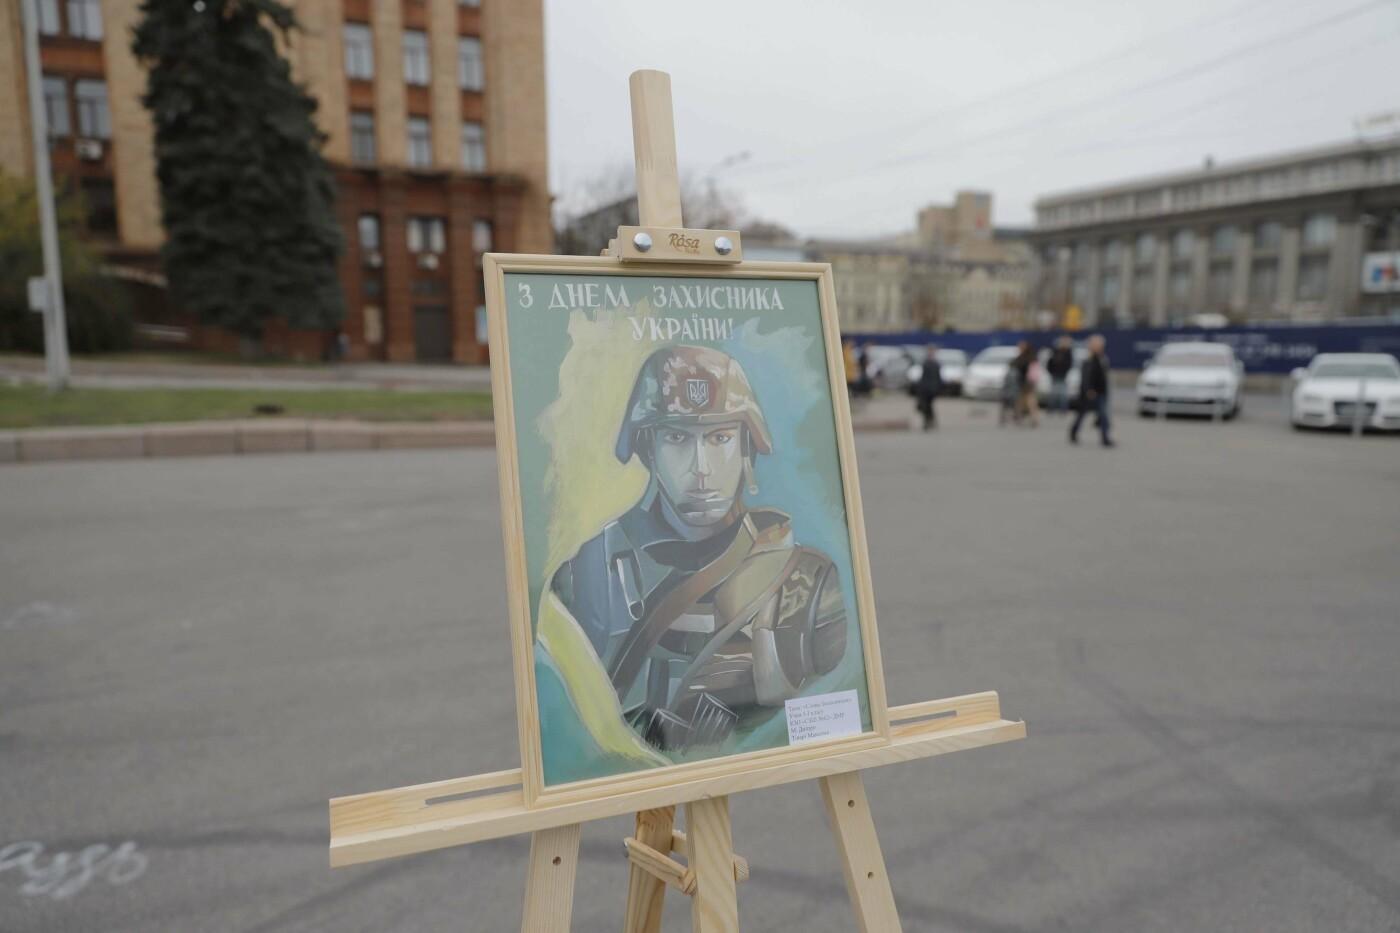 В Днепре ко Дню защитника Украины раздавали бумажные самолетики, фото-1